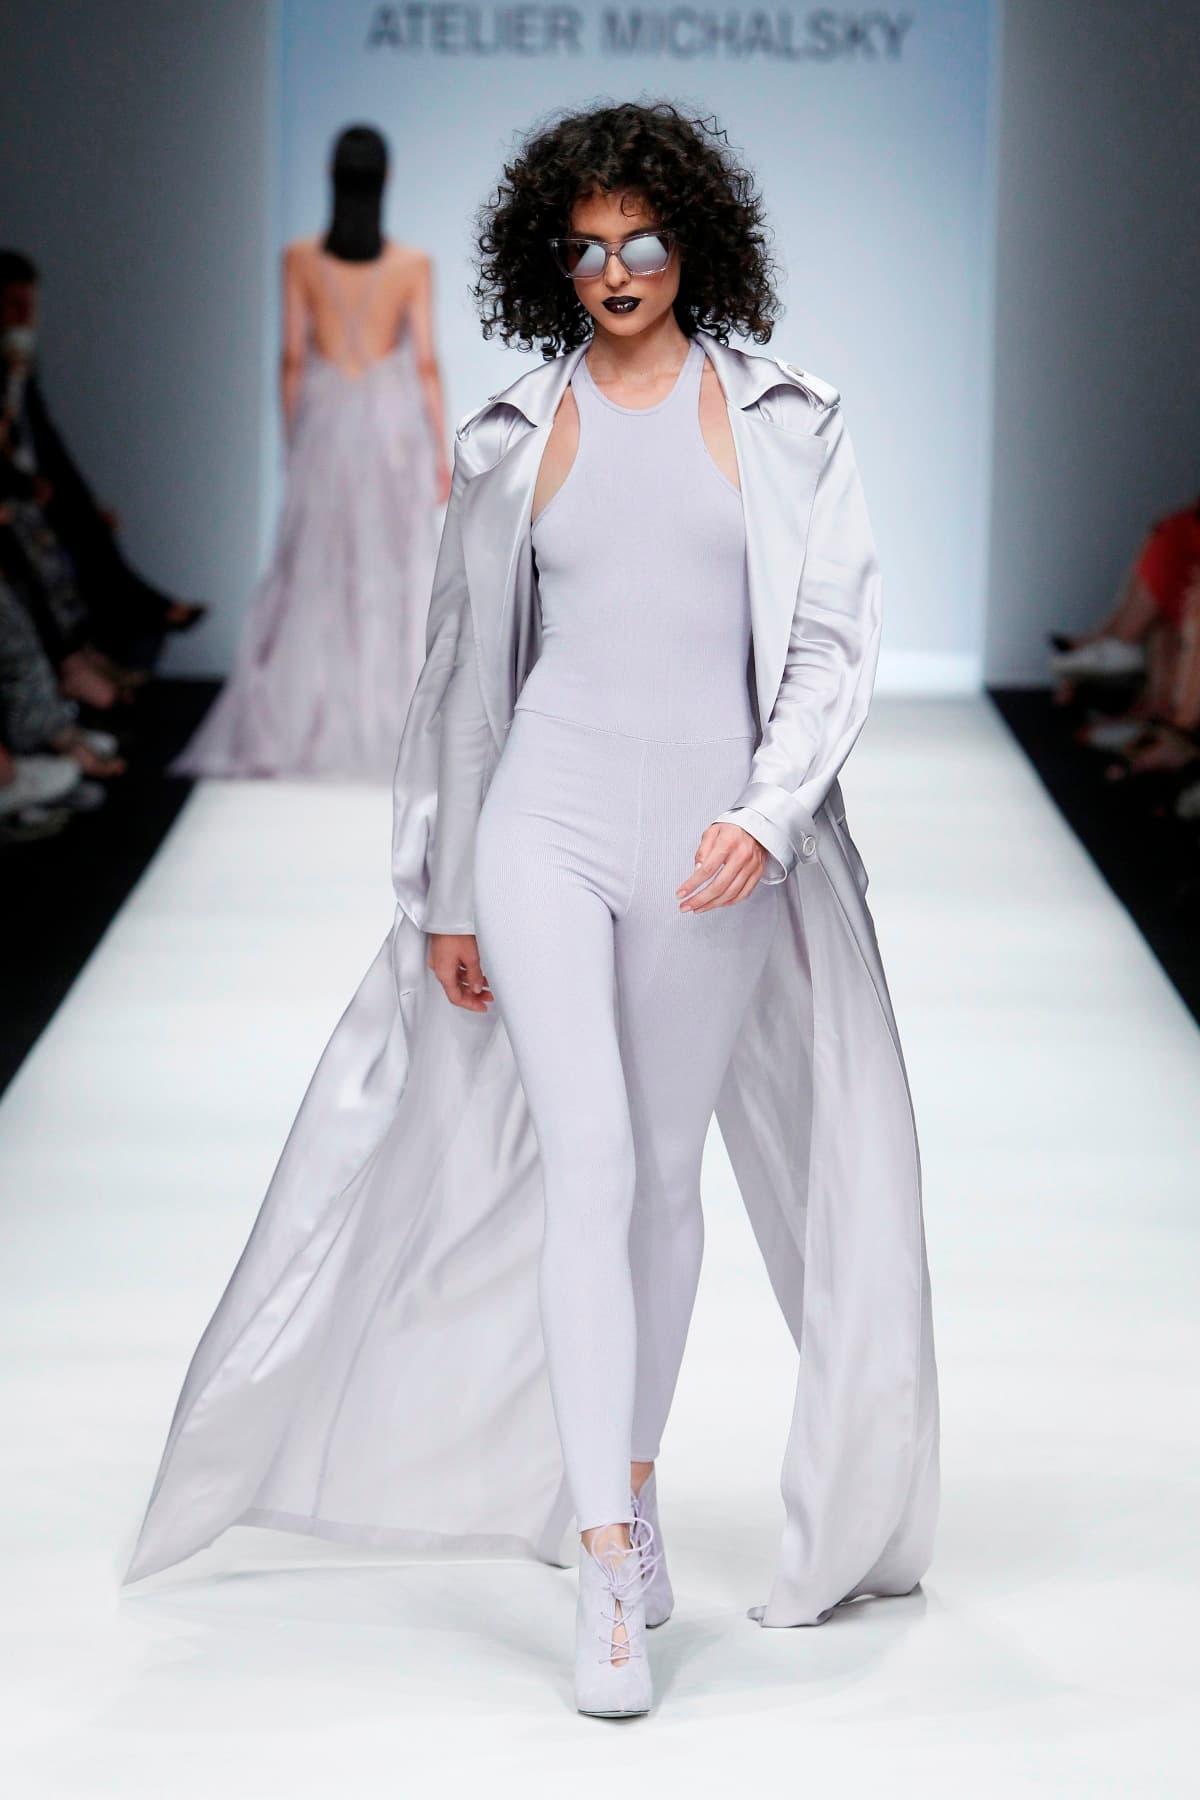 Michael MichalskyMode Frühjahr-Sommer 2020 zur Fashion Week Berlin Juli 2019 - 03